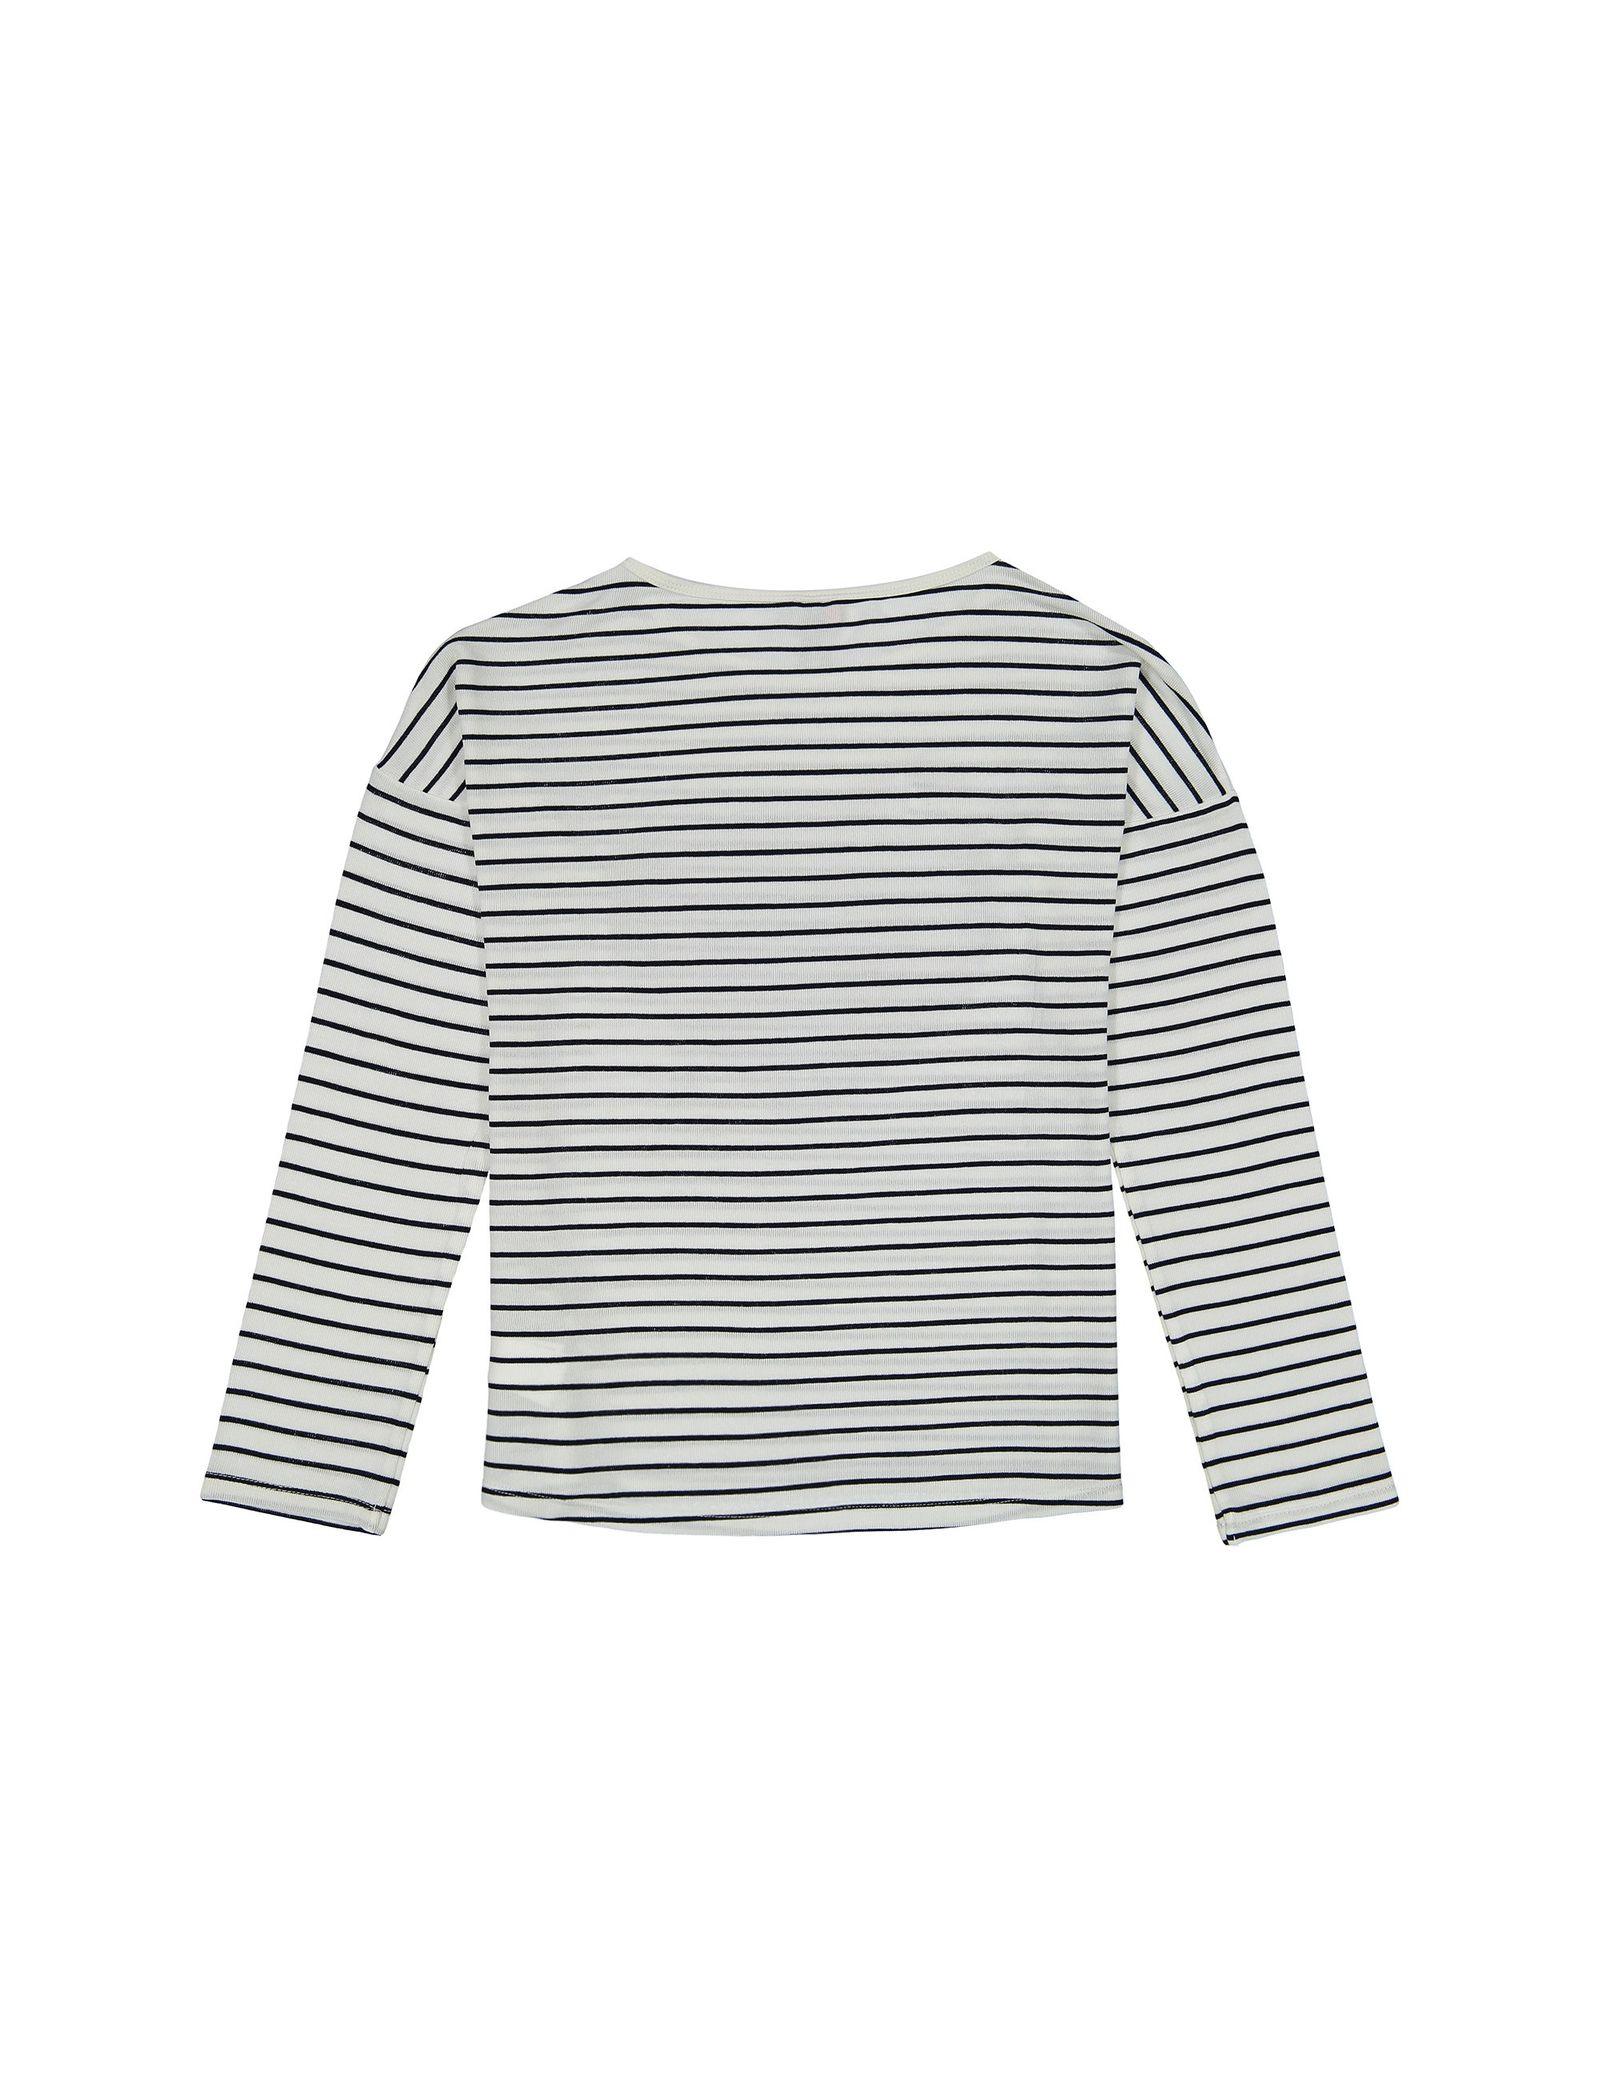 تی شرت ویسکوز یقه گرد دخترانه - ارکسترا - سفيد راه راه - 2